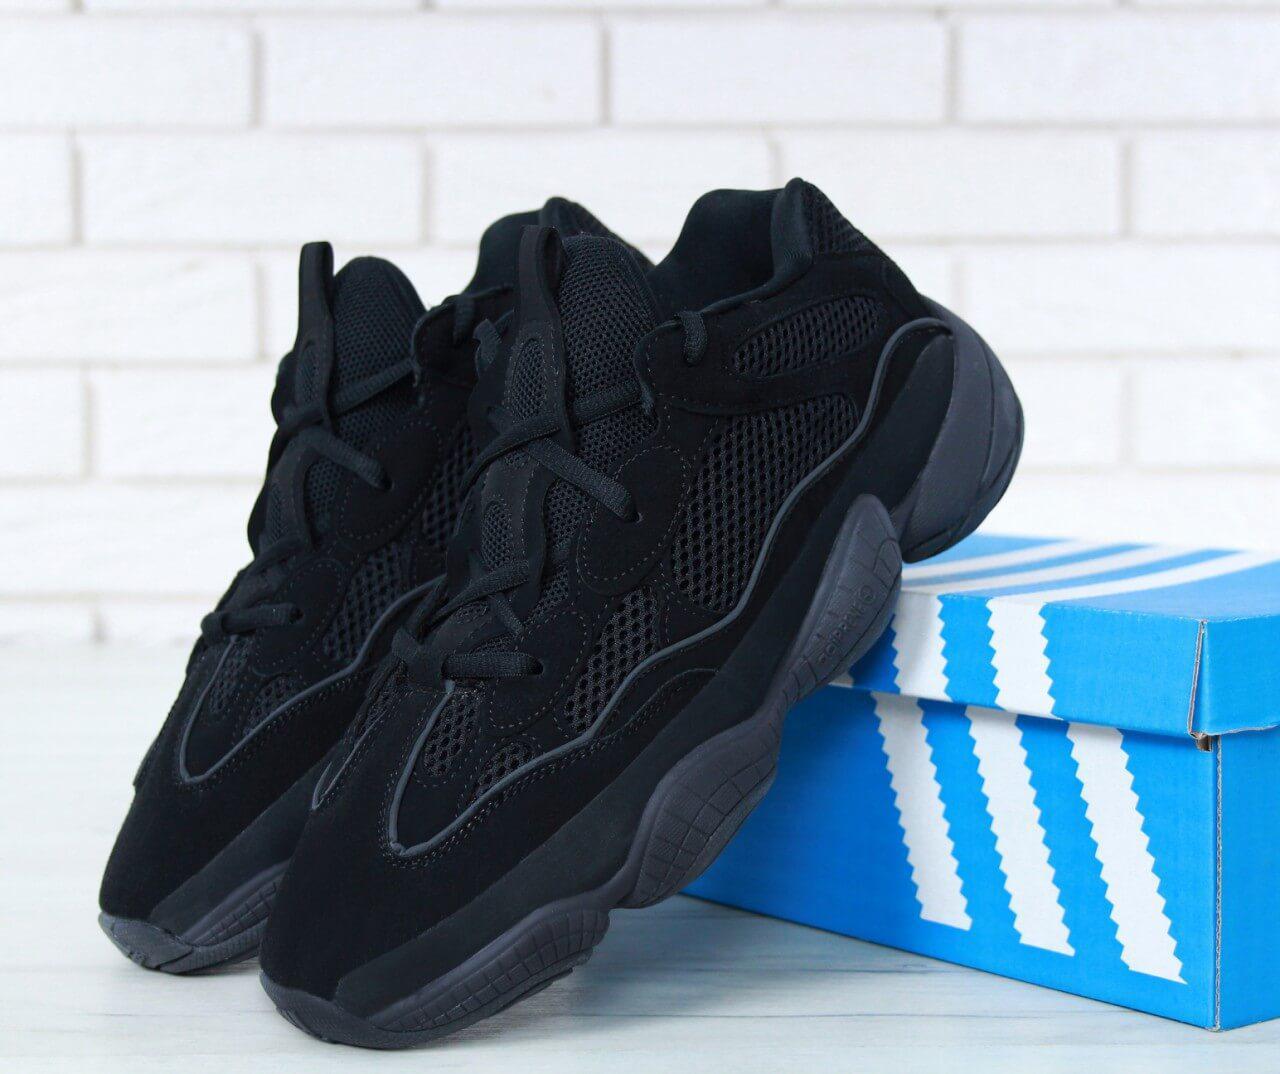 sale retailer 007cd 270b2 Кроссовки Adidas Yeezy 500 Utility Black купить в Киеве | Im-PoLLi -  508086666